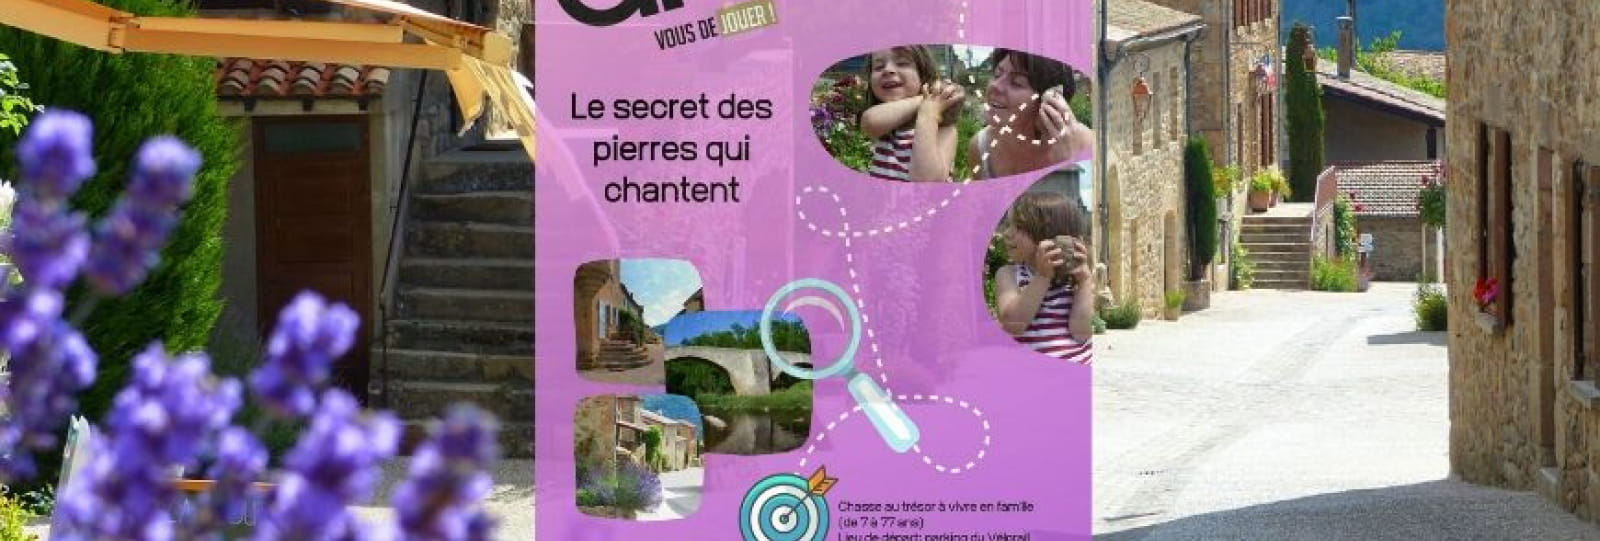 Chasse au trésot Le secret des pierres qui chantent_Boucieu le Roi_Ardèche Hermitage Tourisme